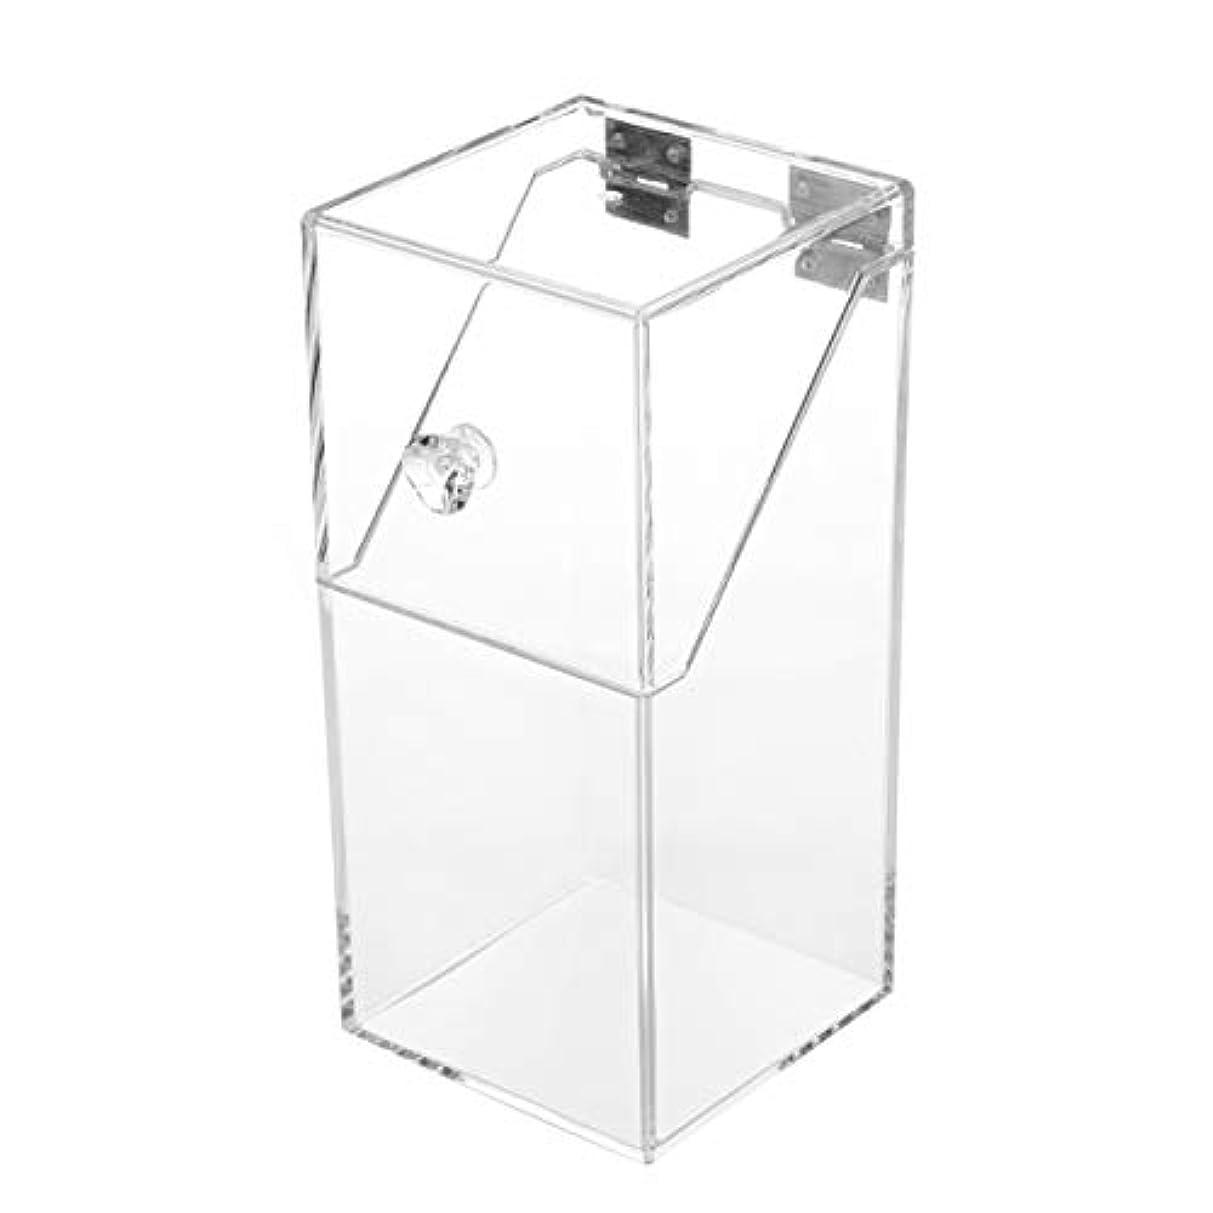 分散のみあえぎSaikogoods 透明アクリルメイクアレンジストレージボックスシンプルなデザイン透明卓上化粧ブラシホルダーオーガナイザーケース トランスペアレント L